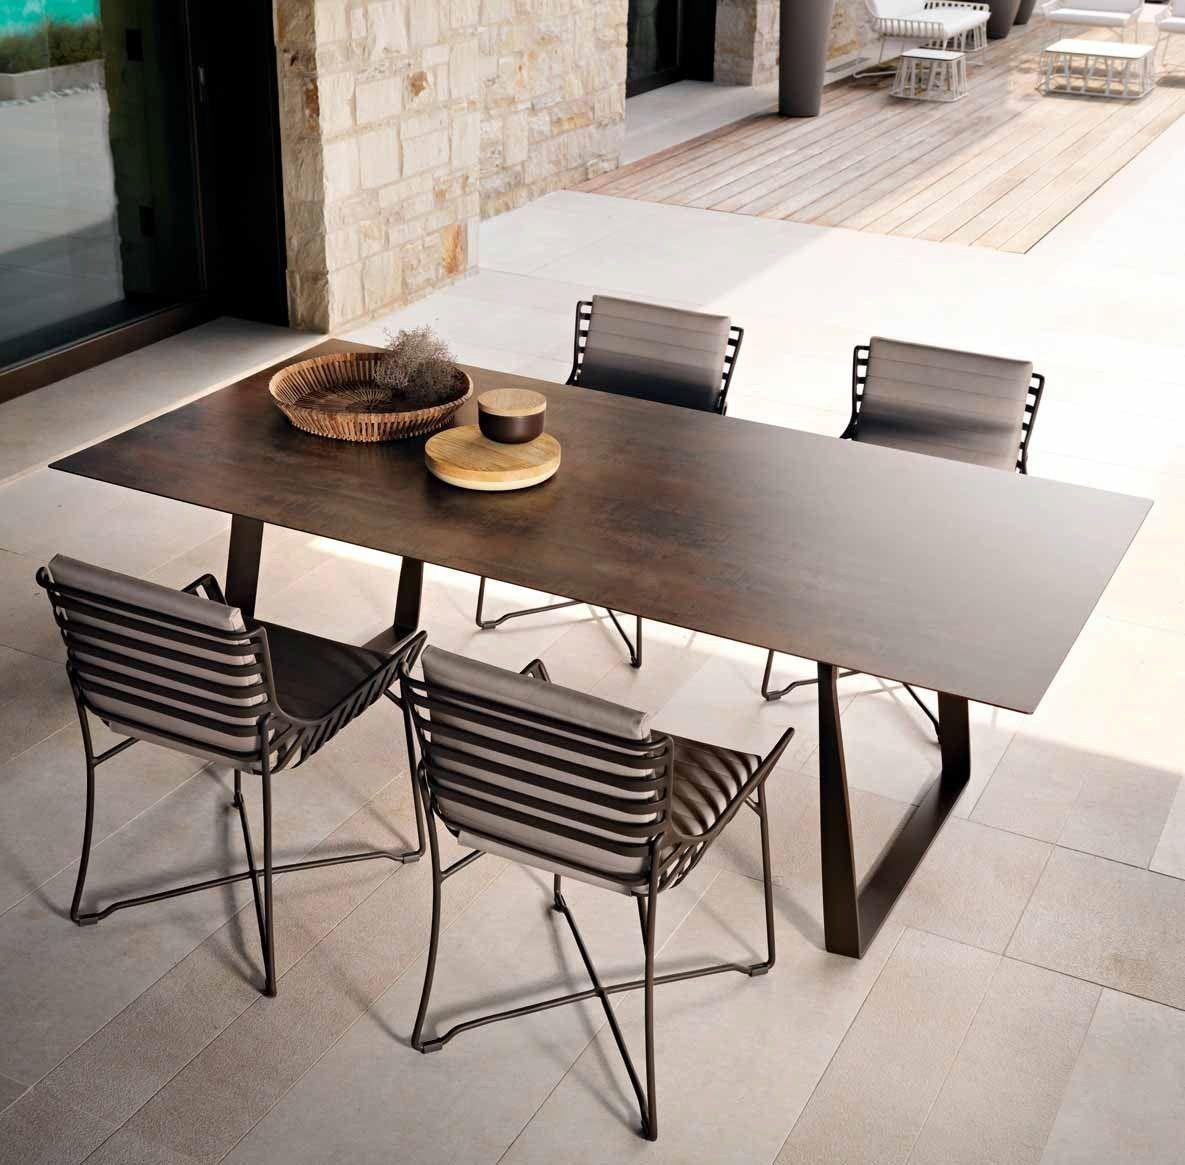 Tavolo da giardino rettangolare in hpl collezione hamptons - Tavolo da giardino rattan ...